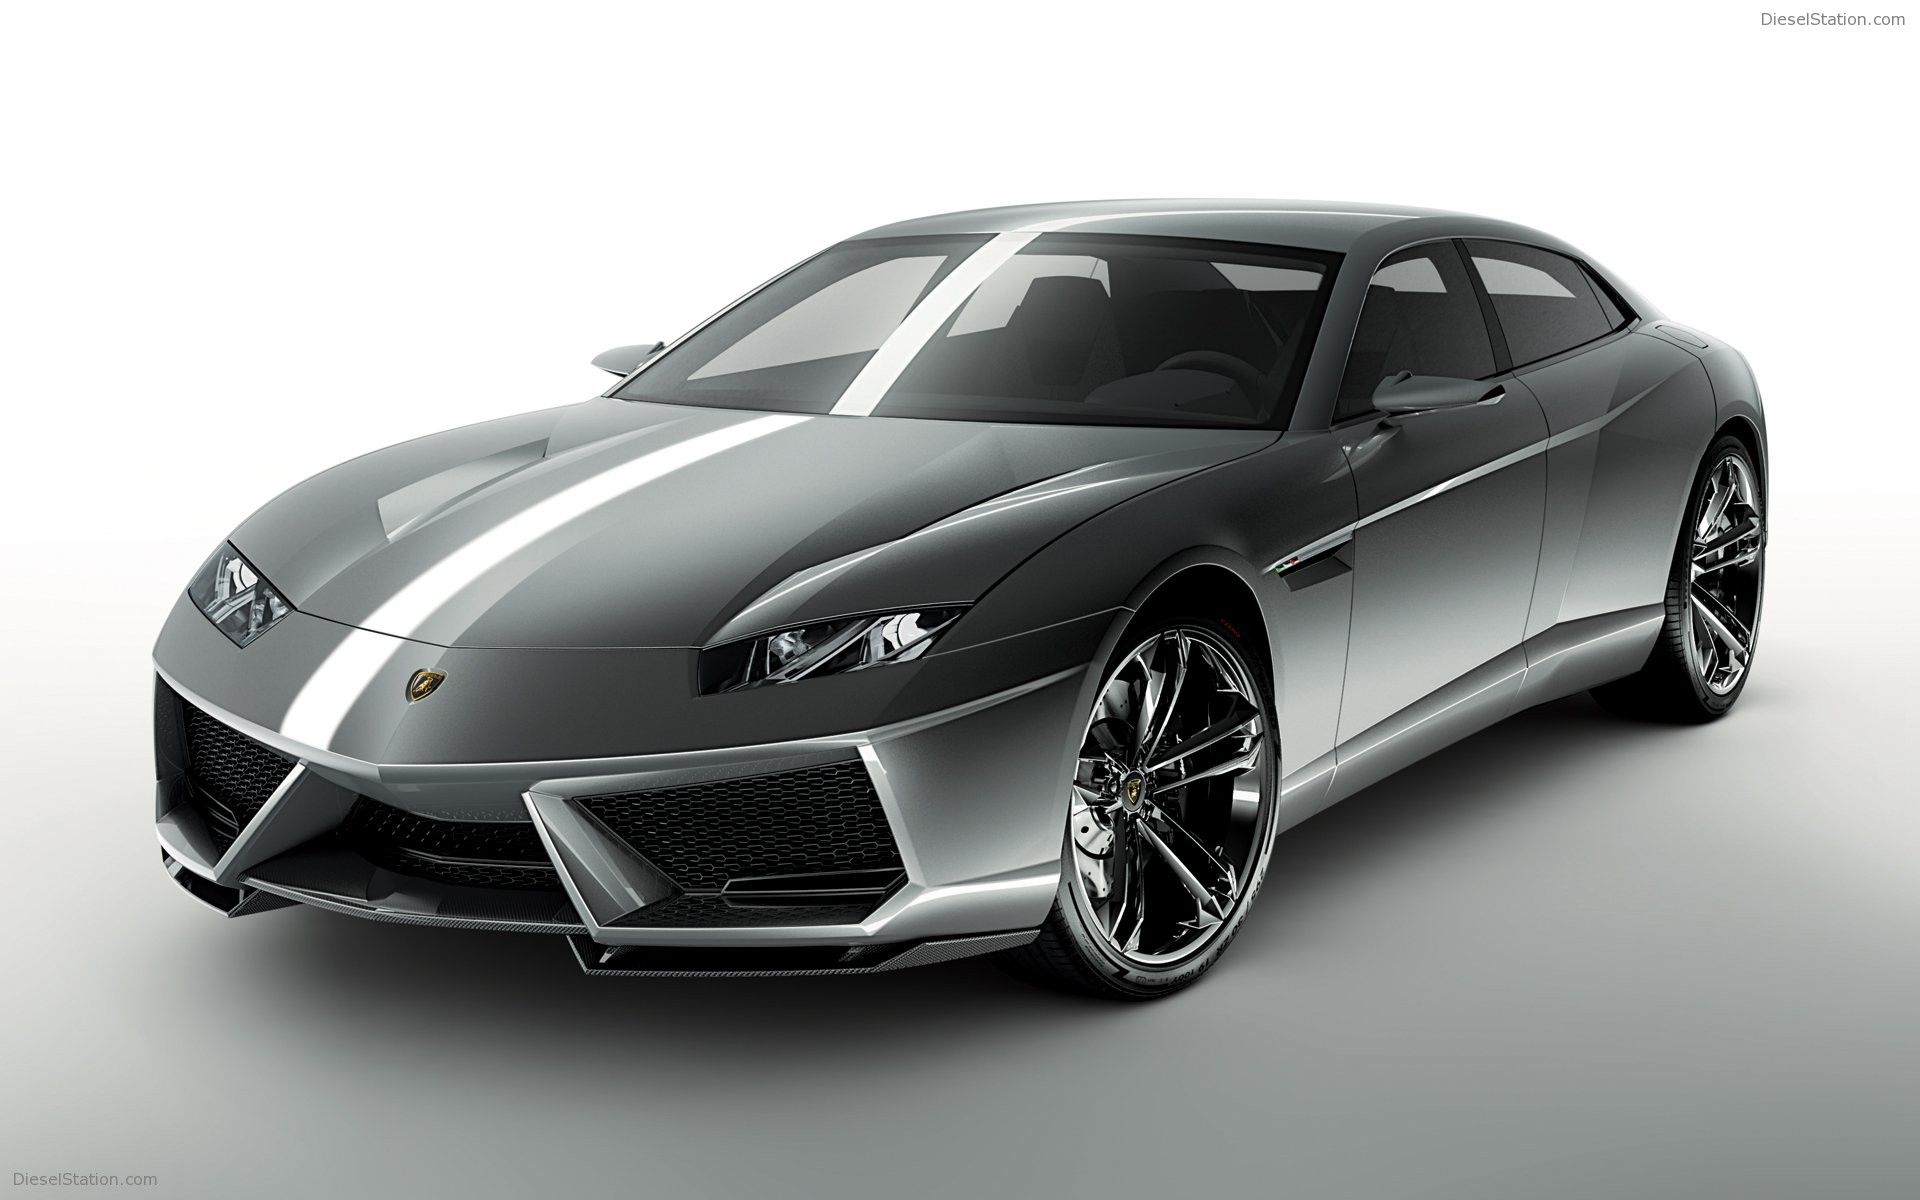 Lamborghini estoque sedan sports car